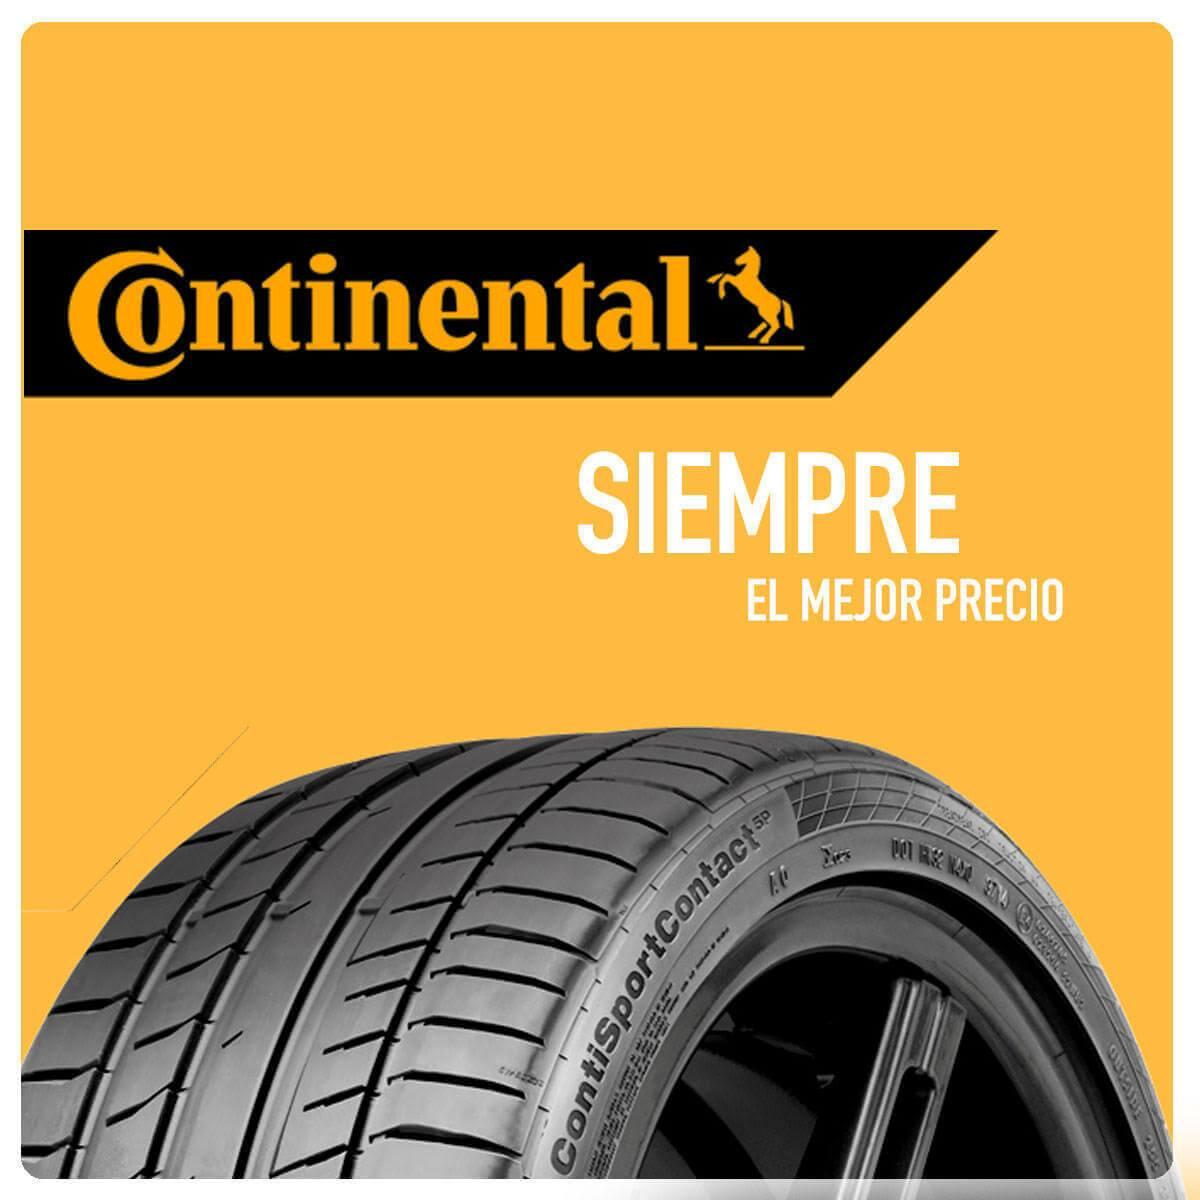 Comprar ruedas Continental en Madrid